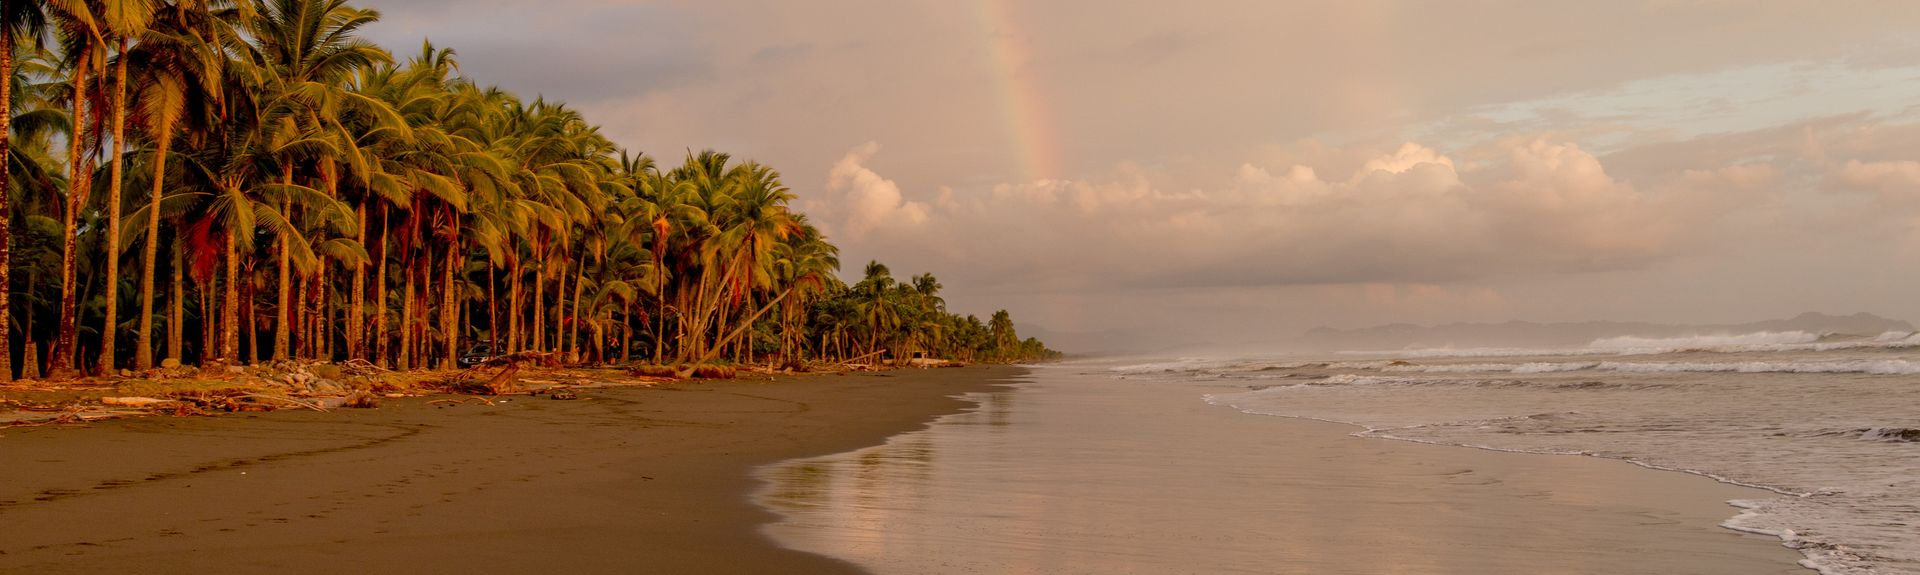 Parrita, Puntarenas (Provinz), Costa Rica